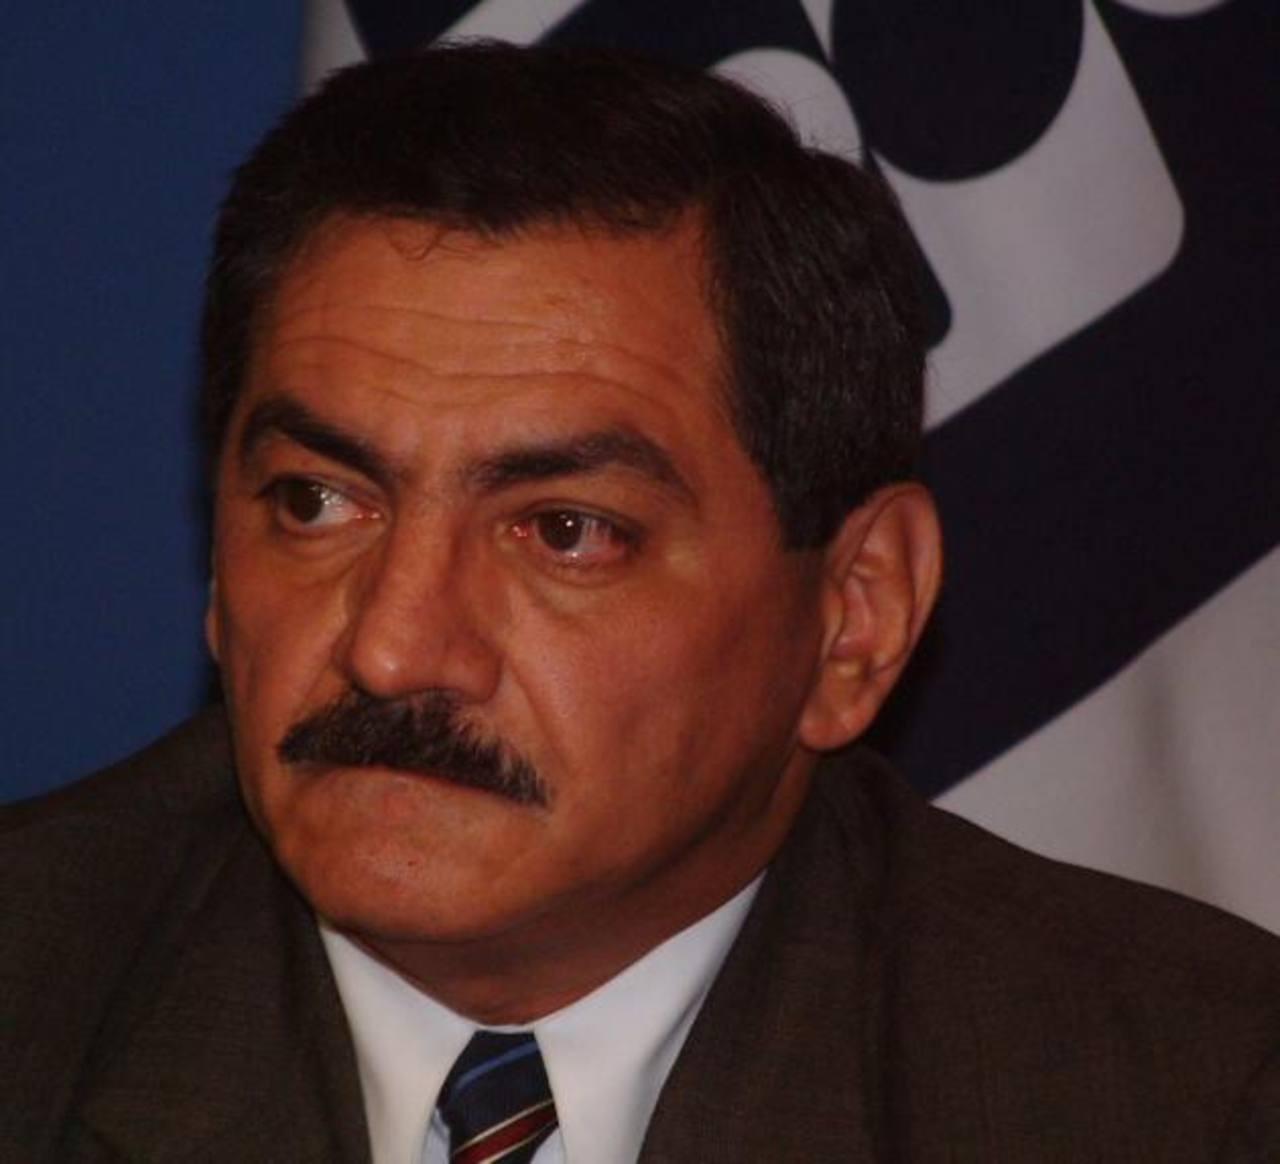 Ramiro Mendoza Jerez, ya no es el presidente de INE S.A. de C.V., subsidiaria de Cel, desde viernes pasado. foto edh /archivo